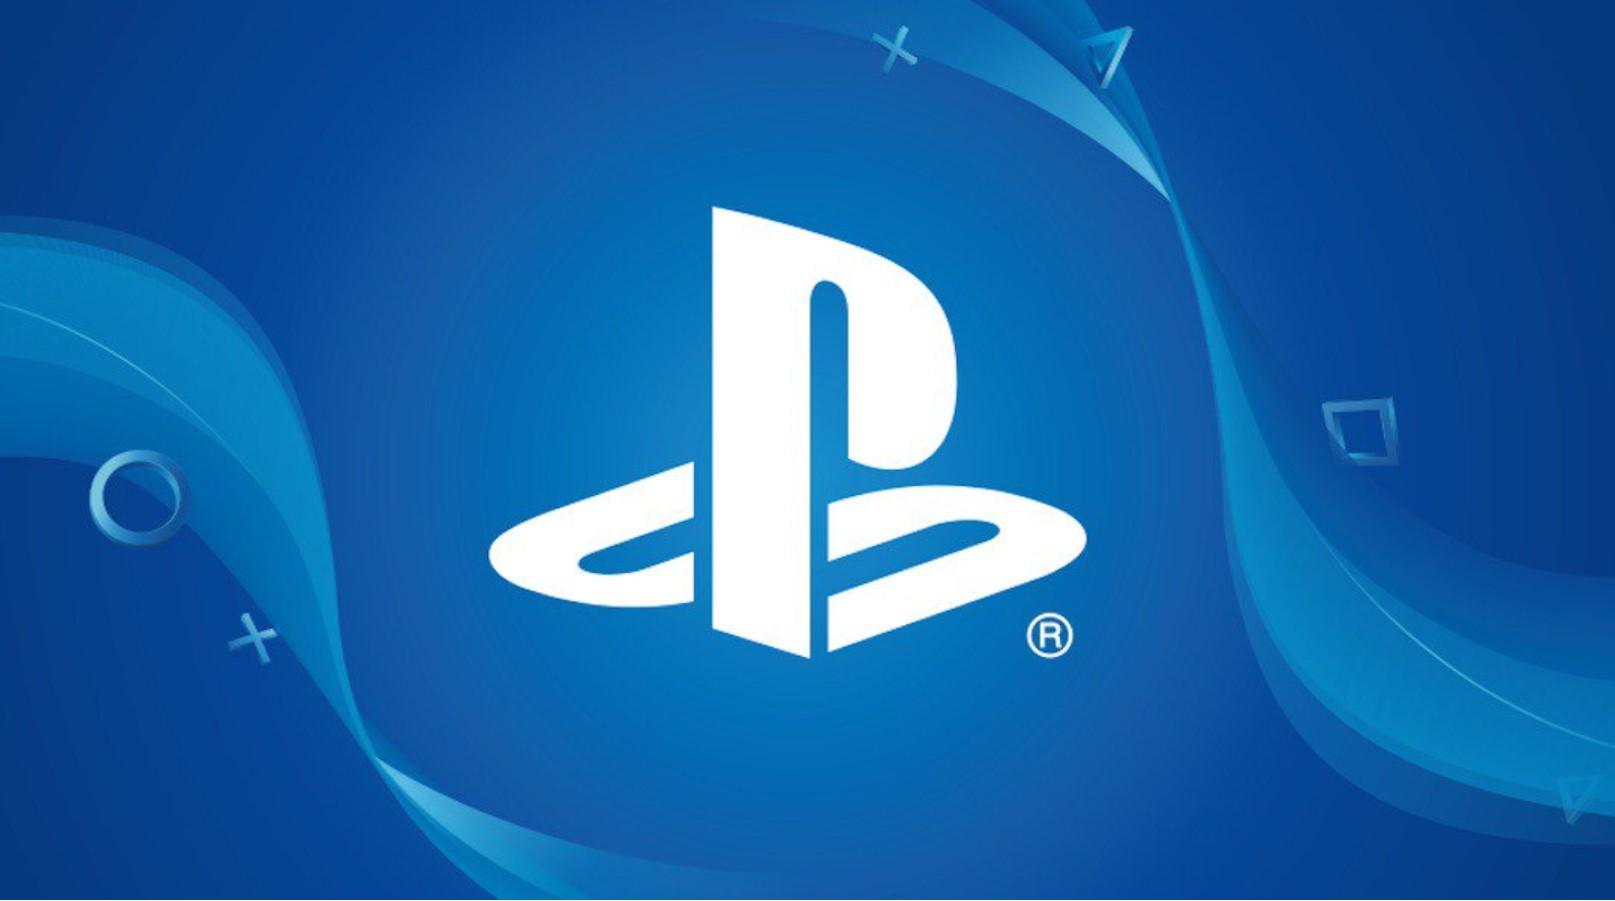 日本分析师:PS5将是高端主机 首发价499美元